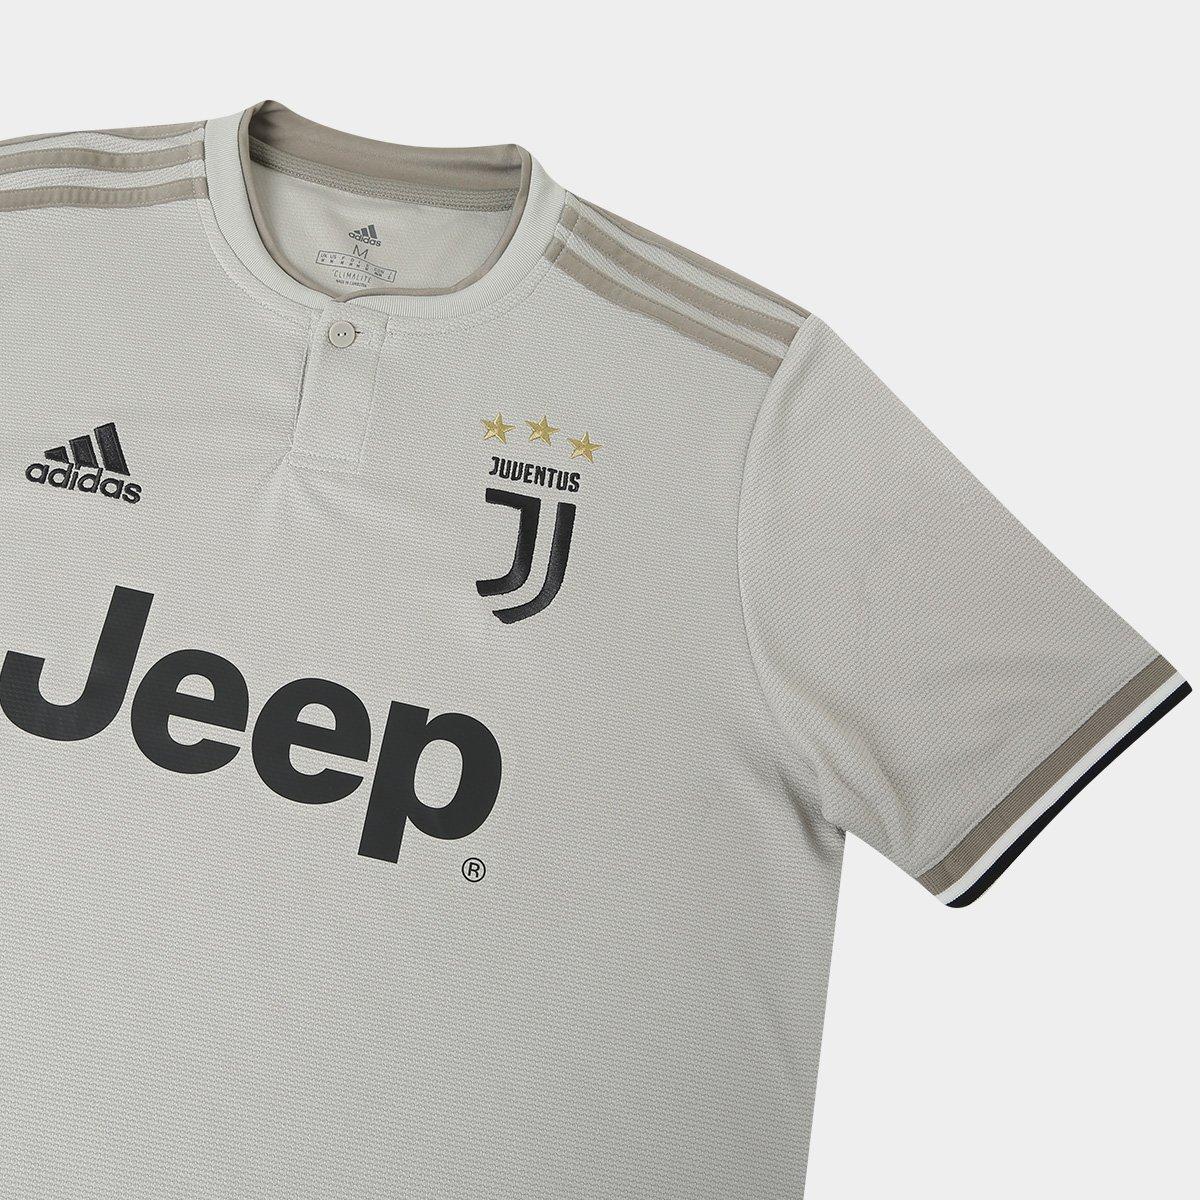 653c38d610 Camisa Juventus Away 2018 s n° - Torcedor Adidas Masculina - Off ...